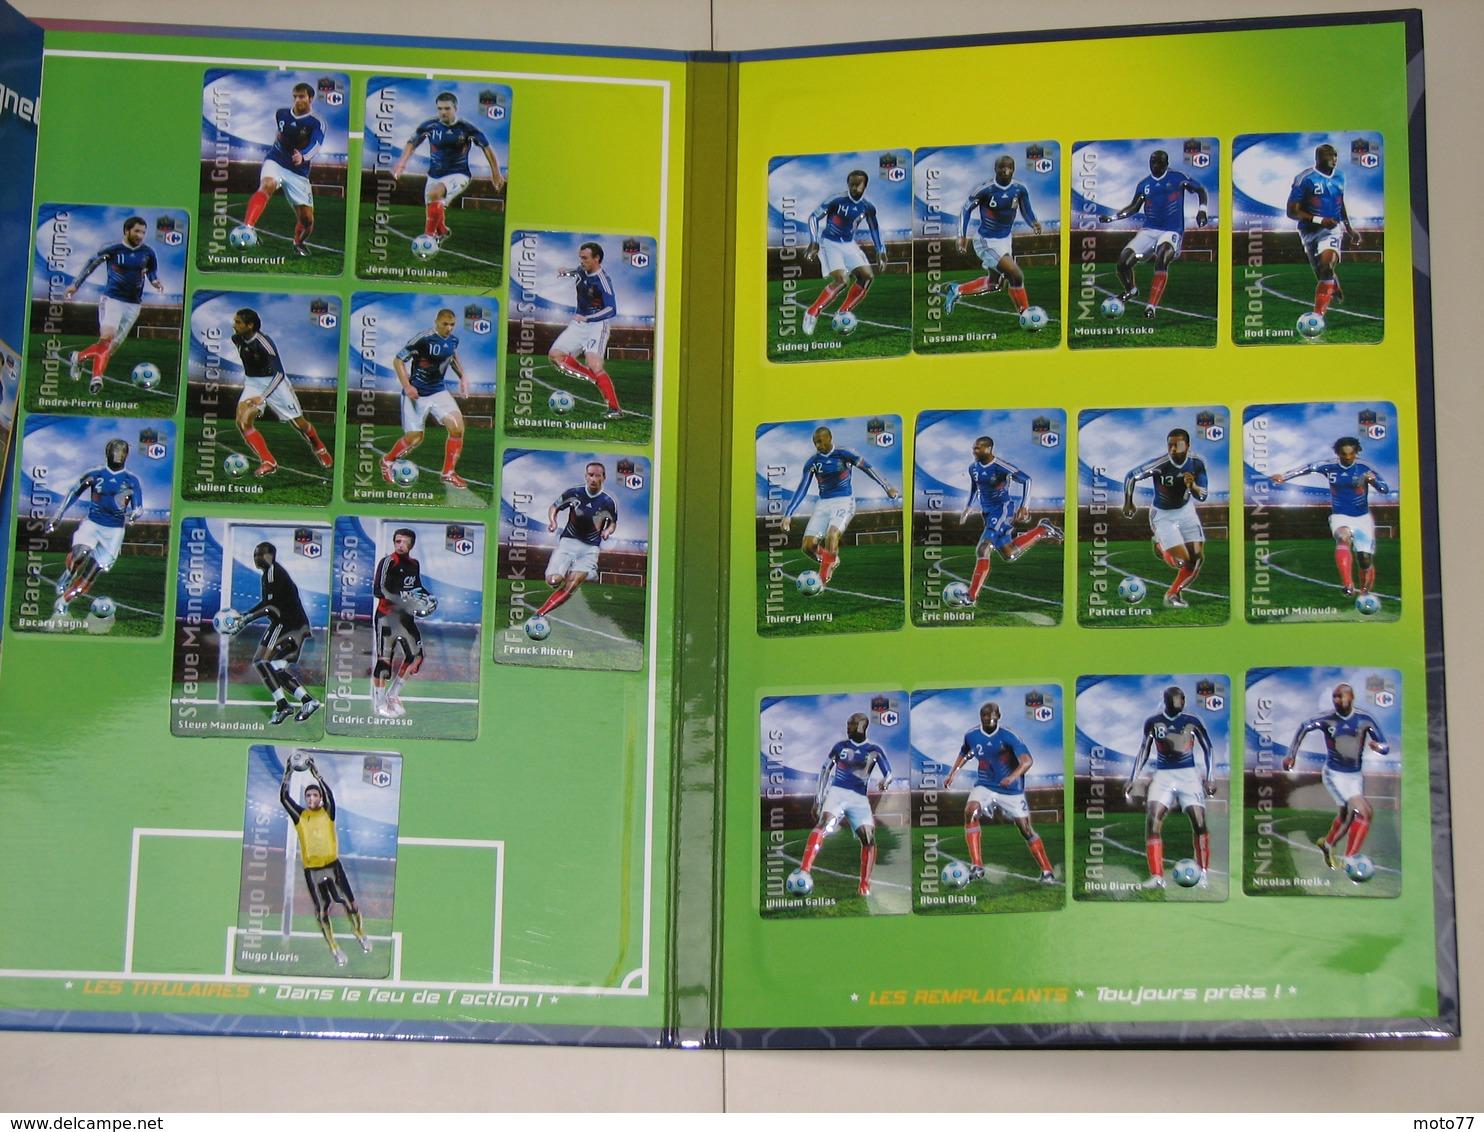 Album Collecteur Images Vignettes Cartes - CARREFOUR - Foot France - 2010 - Complet - Sports